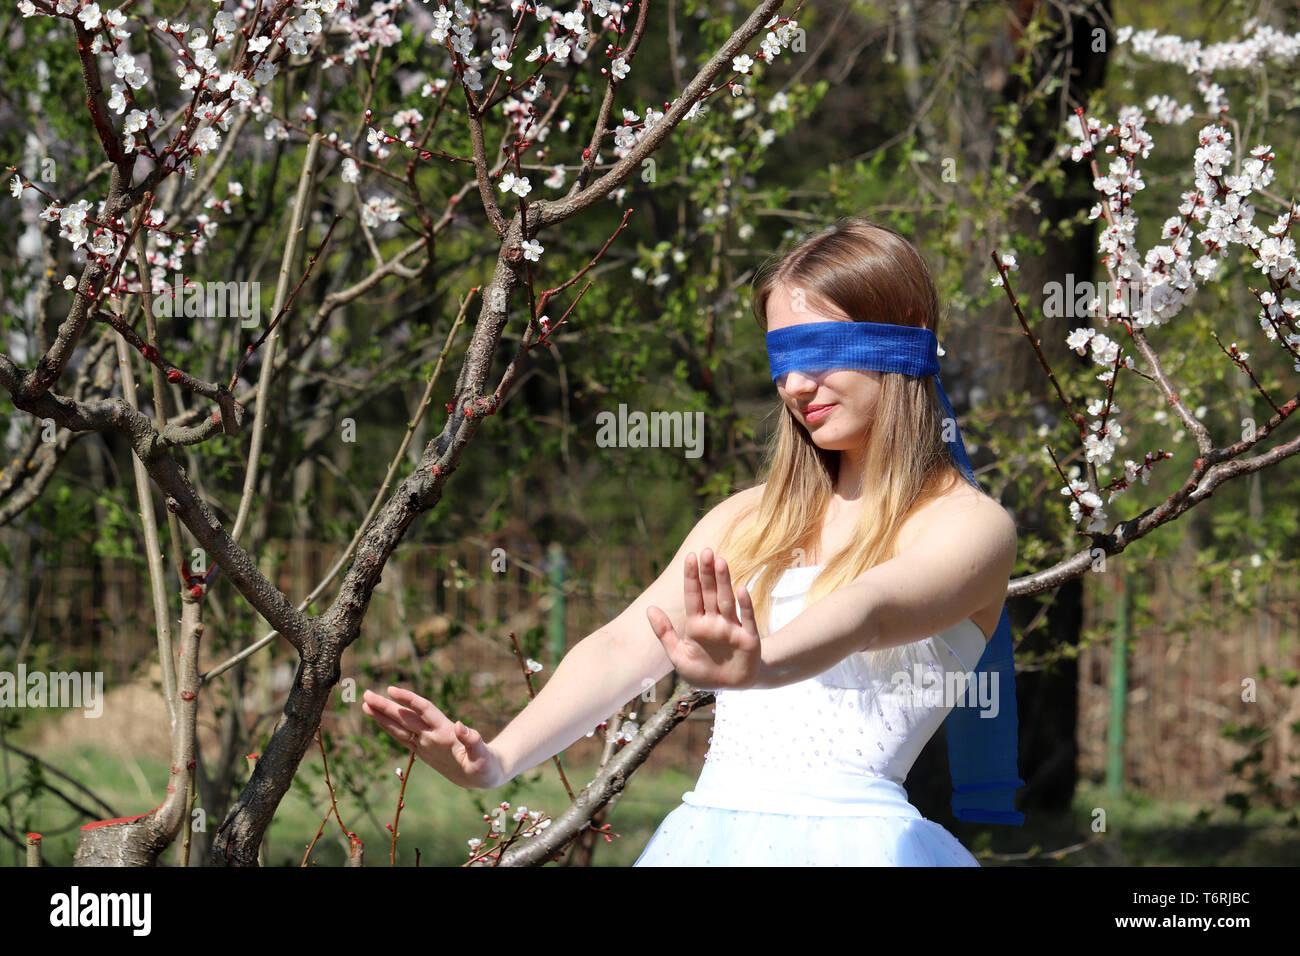 Fiore di Ciliegio stagione a Mosca giardino botanico. Gli occhi bendati ragazza in posa sulla sakura tree sfondo, tempo libero in primavera Immagini Stock